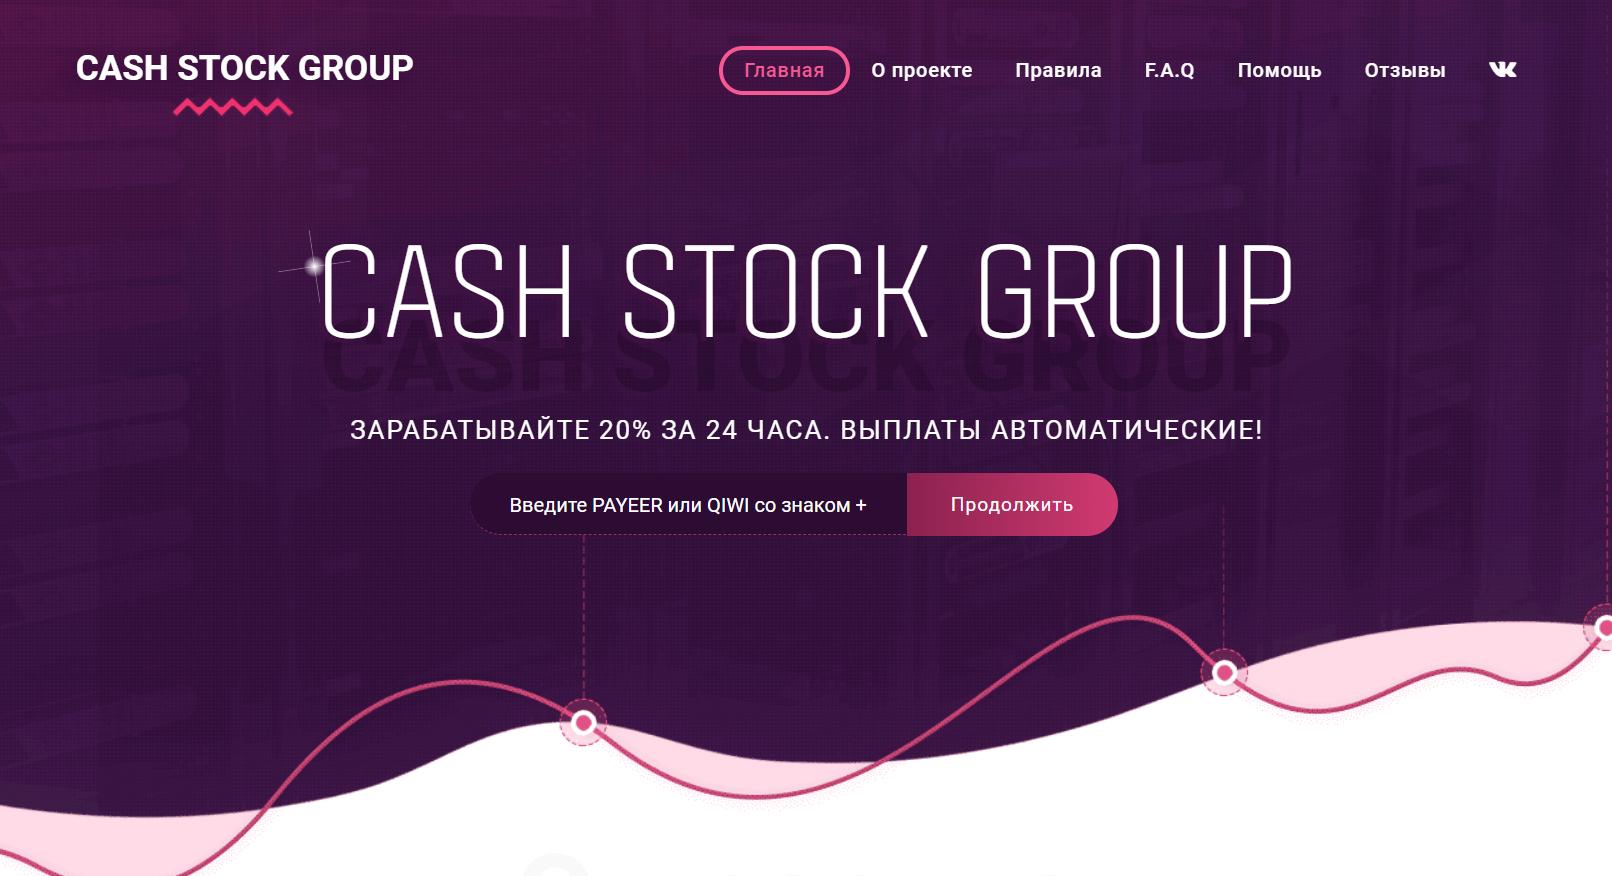 Скрипт PAYEER-удвоителя CASH STOCK